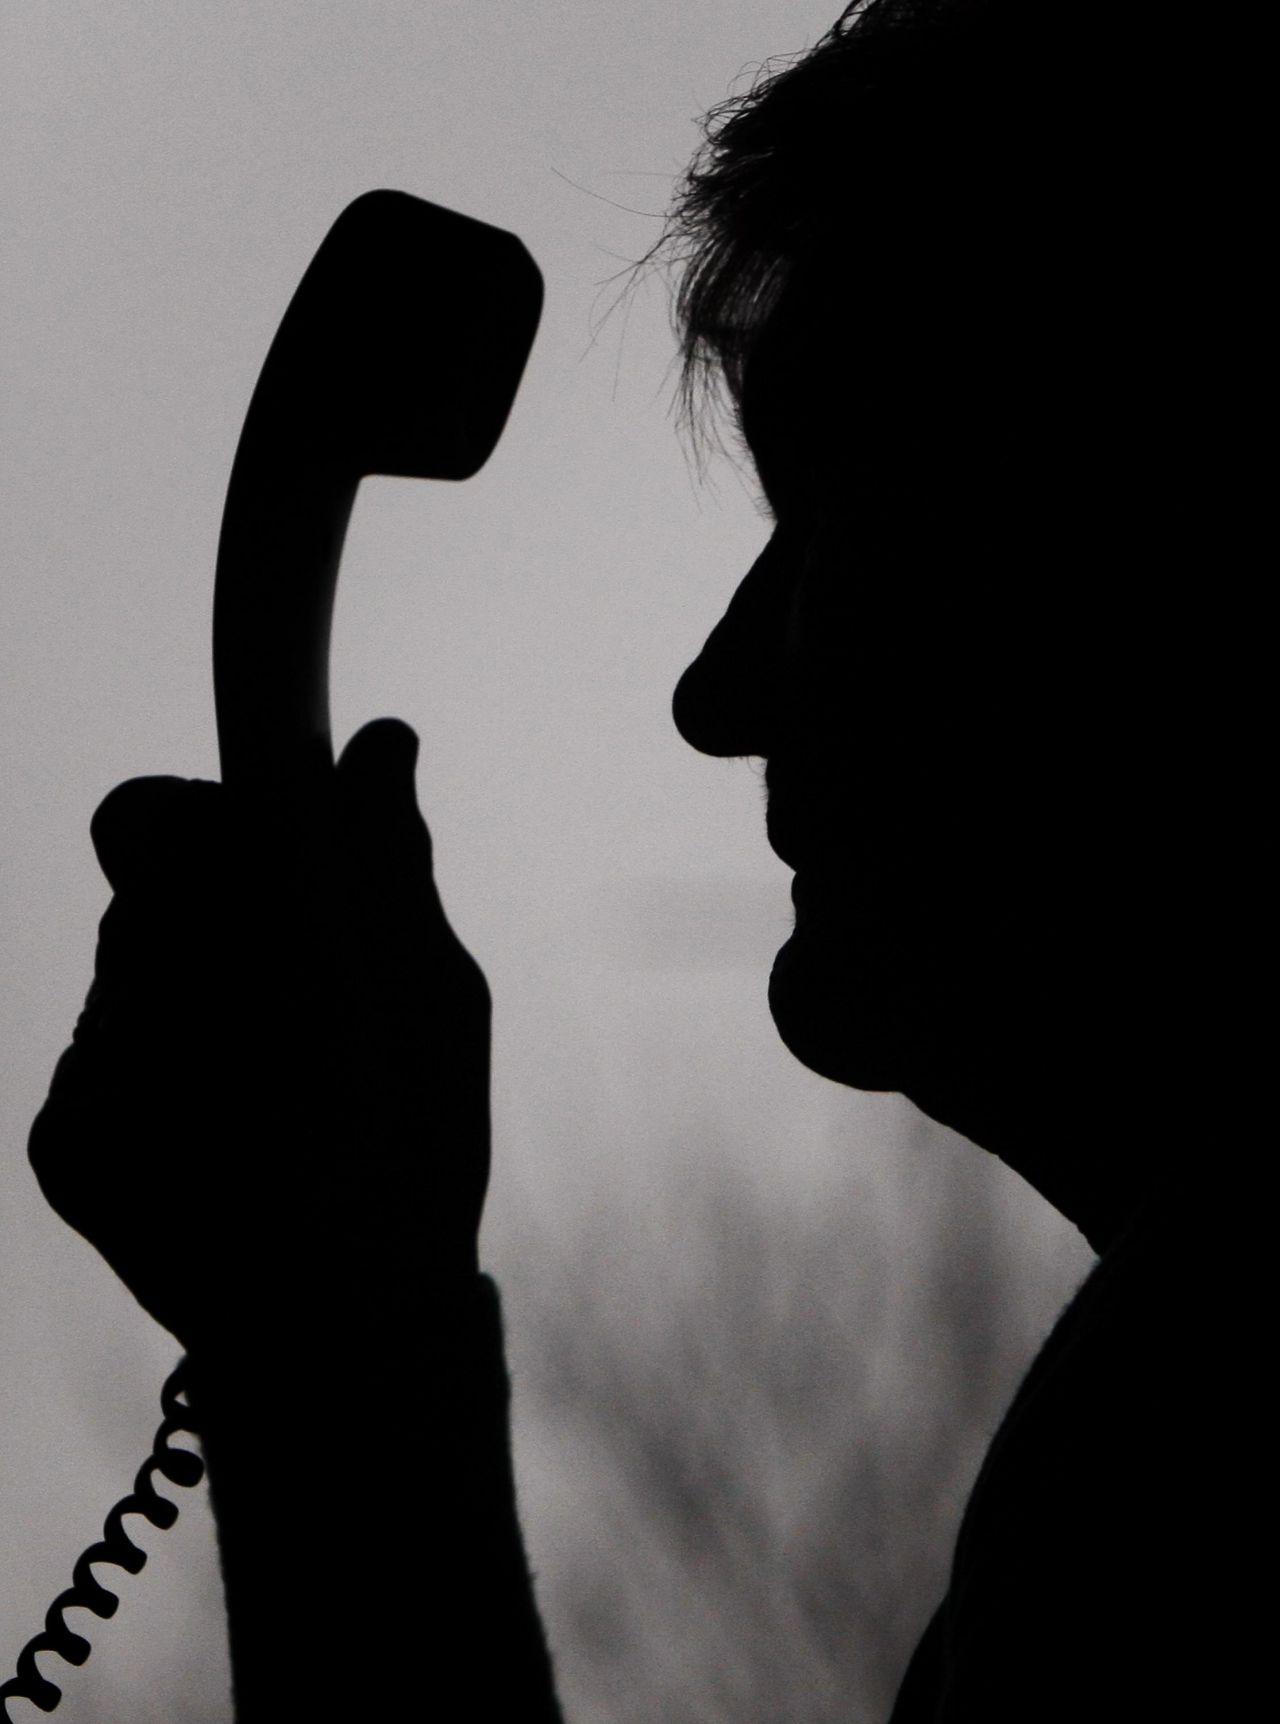 Ein Anruf von einer vermeintlichen Behörde, um Kontodaten einzufordern oder vom angeblichen Enkel, der die Großeltern um 15.000 Euro für eine Corona-Behandlung bittet. Betrug am Telefon ist vielfältig. Merke: Niemals am Telefon Kontodaten oder Passwörter preisgegeben! Generell solltest du Geld nur auf schriftliche Aufforderung überweisen.